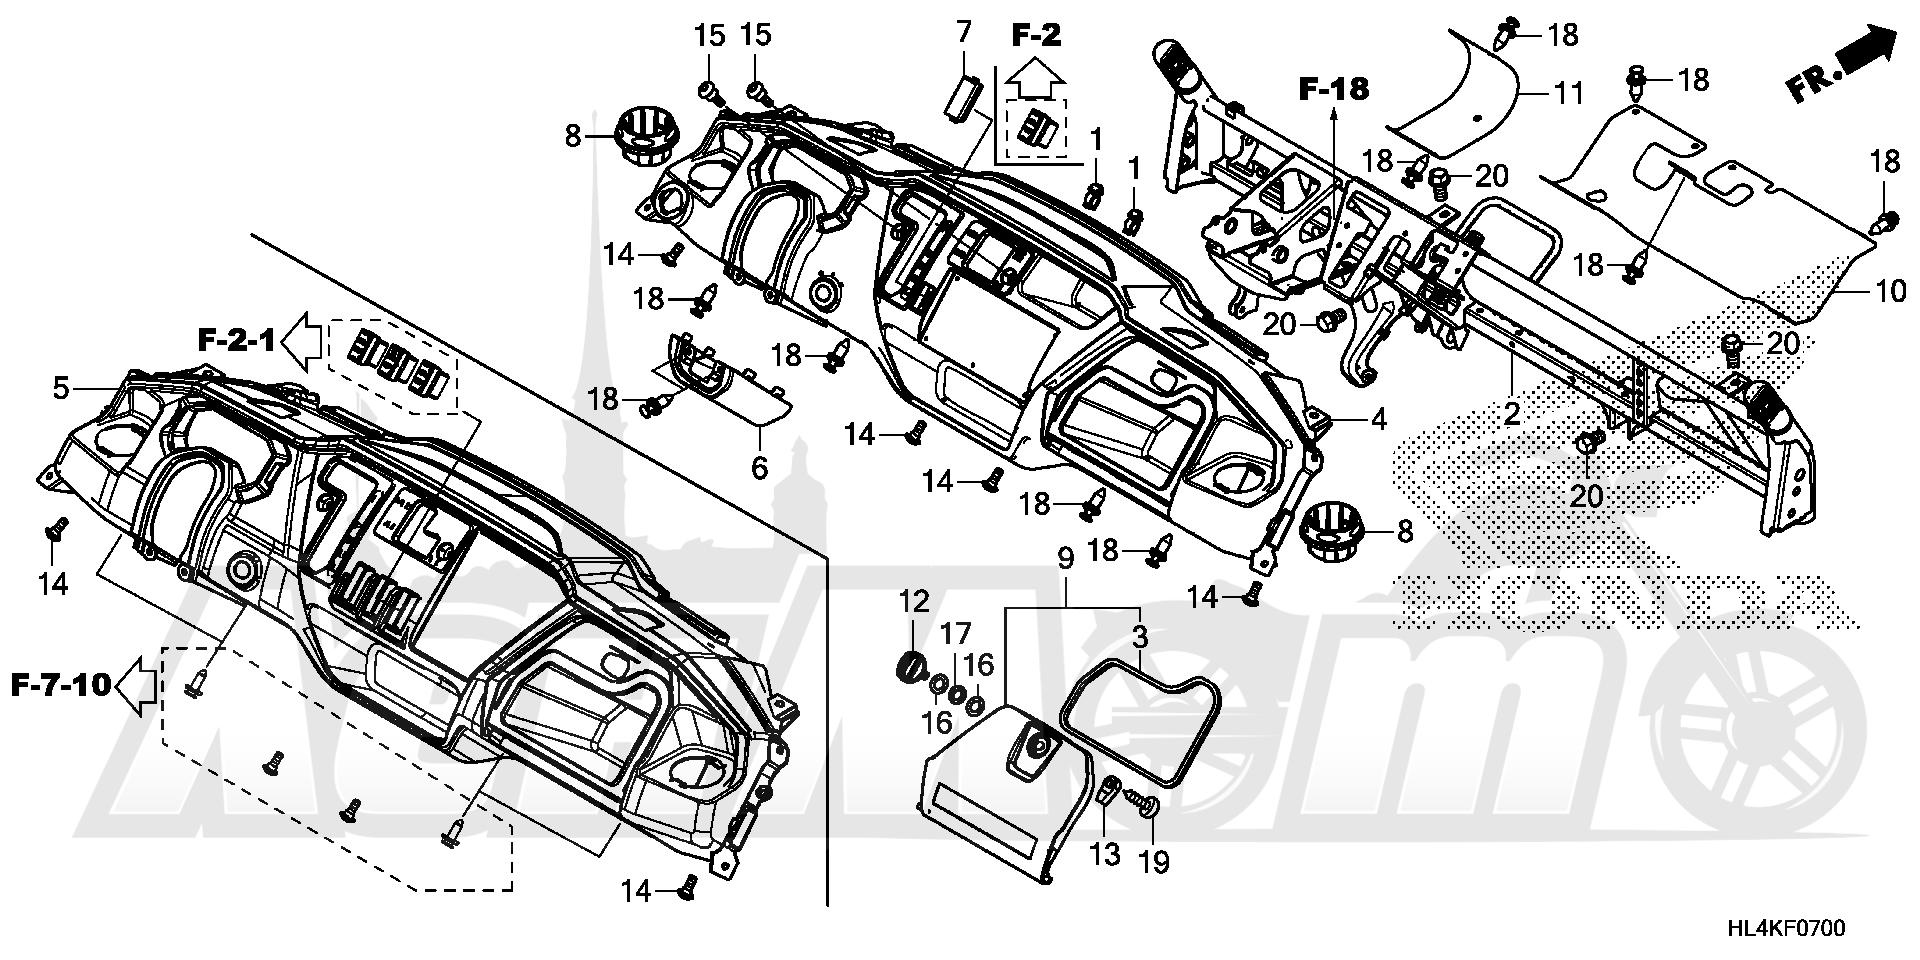 Запчасти для Квадроцикла Honda 2019 SXS1000M3P Раздел: INSTRUMENT PANEL | приборная панель